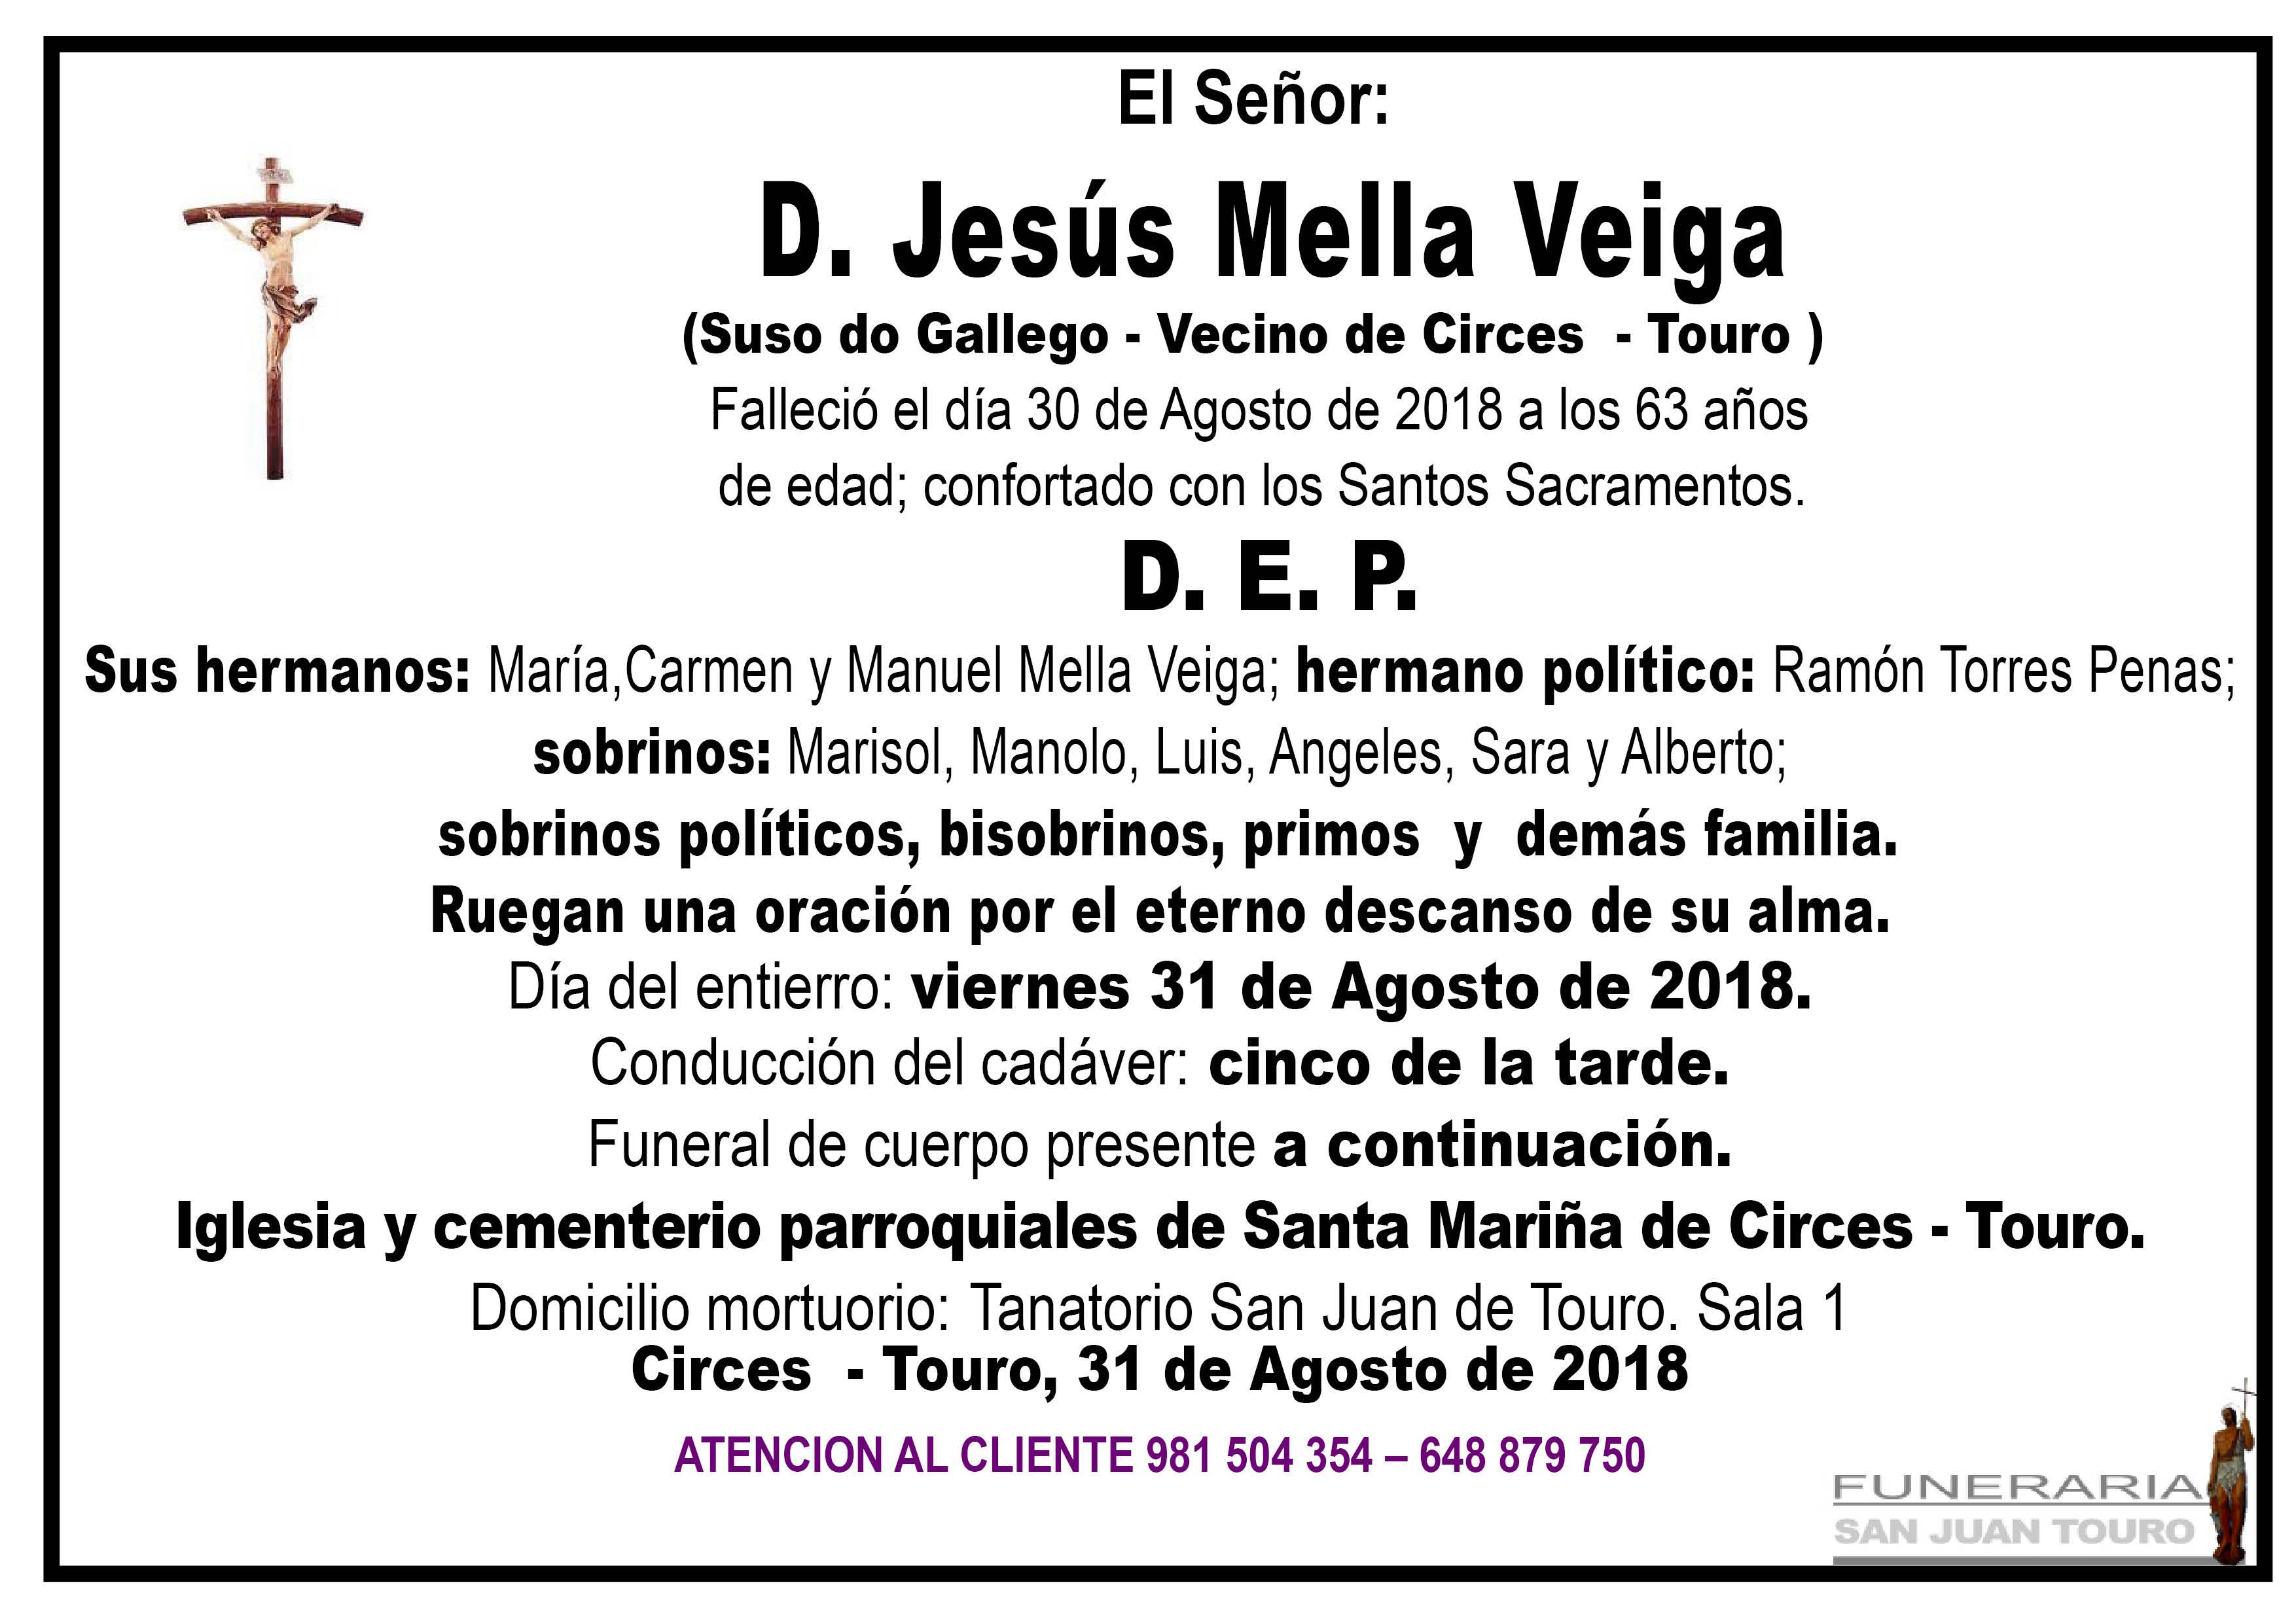 Esquela de SEPELIO DE DON JESÚS MELLA VEIGA